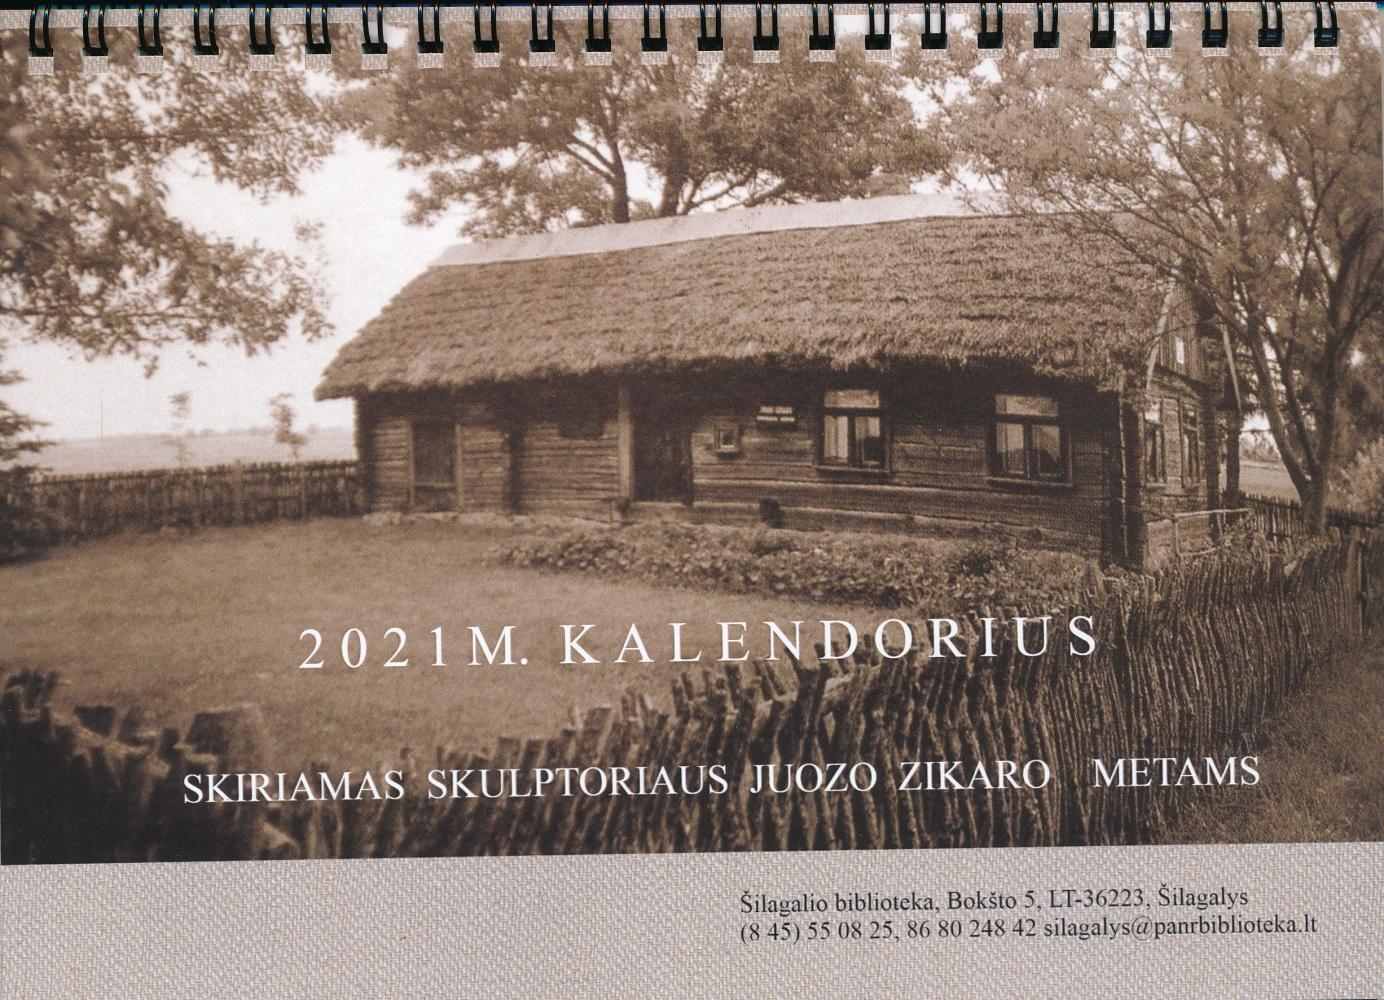 2021 m. kalendorius: skiriamas skulptoriaus Juozo Zikaro metams